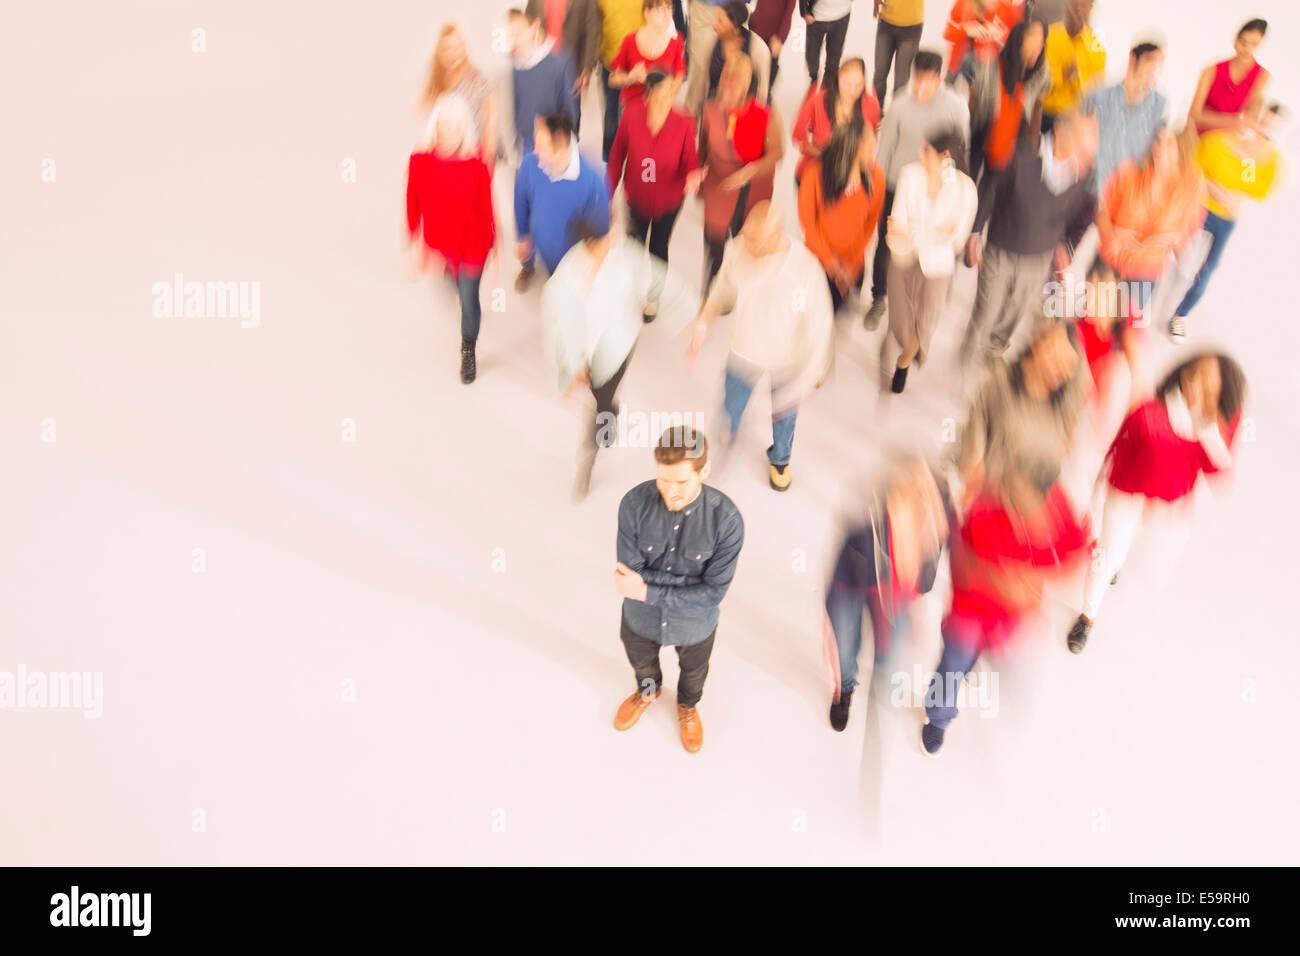 Portrait de la foule Photo Stock